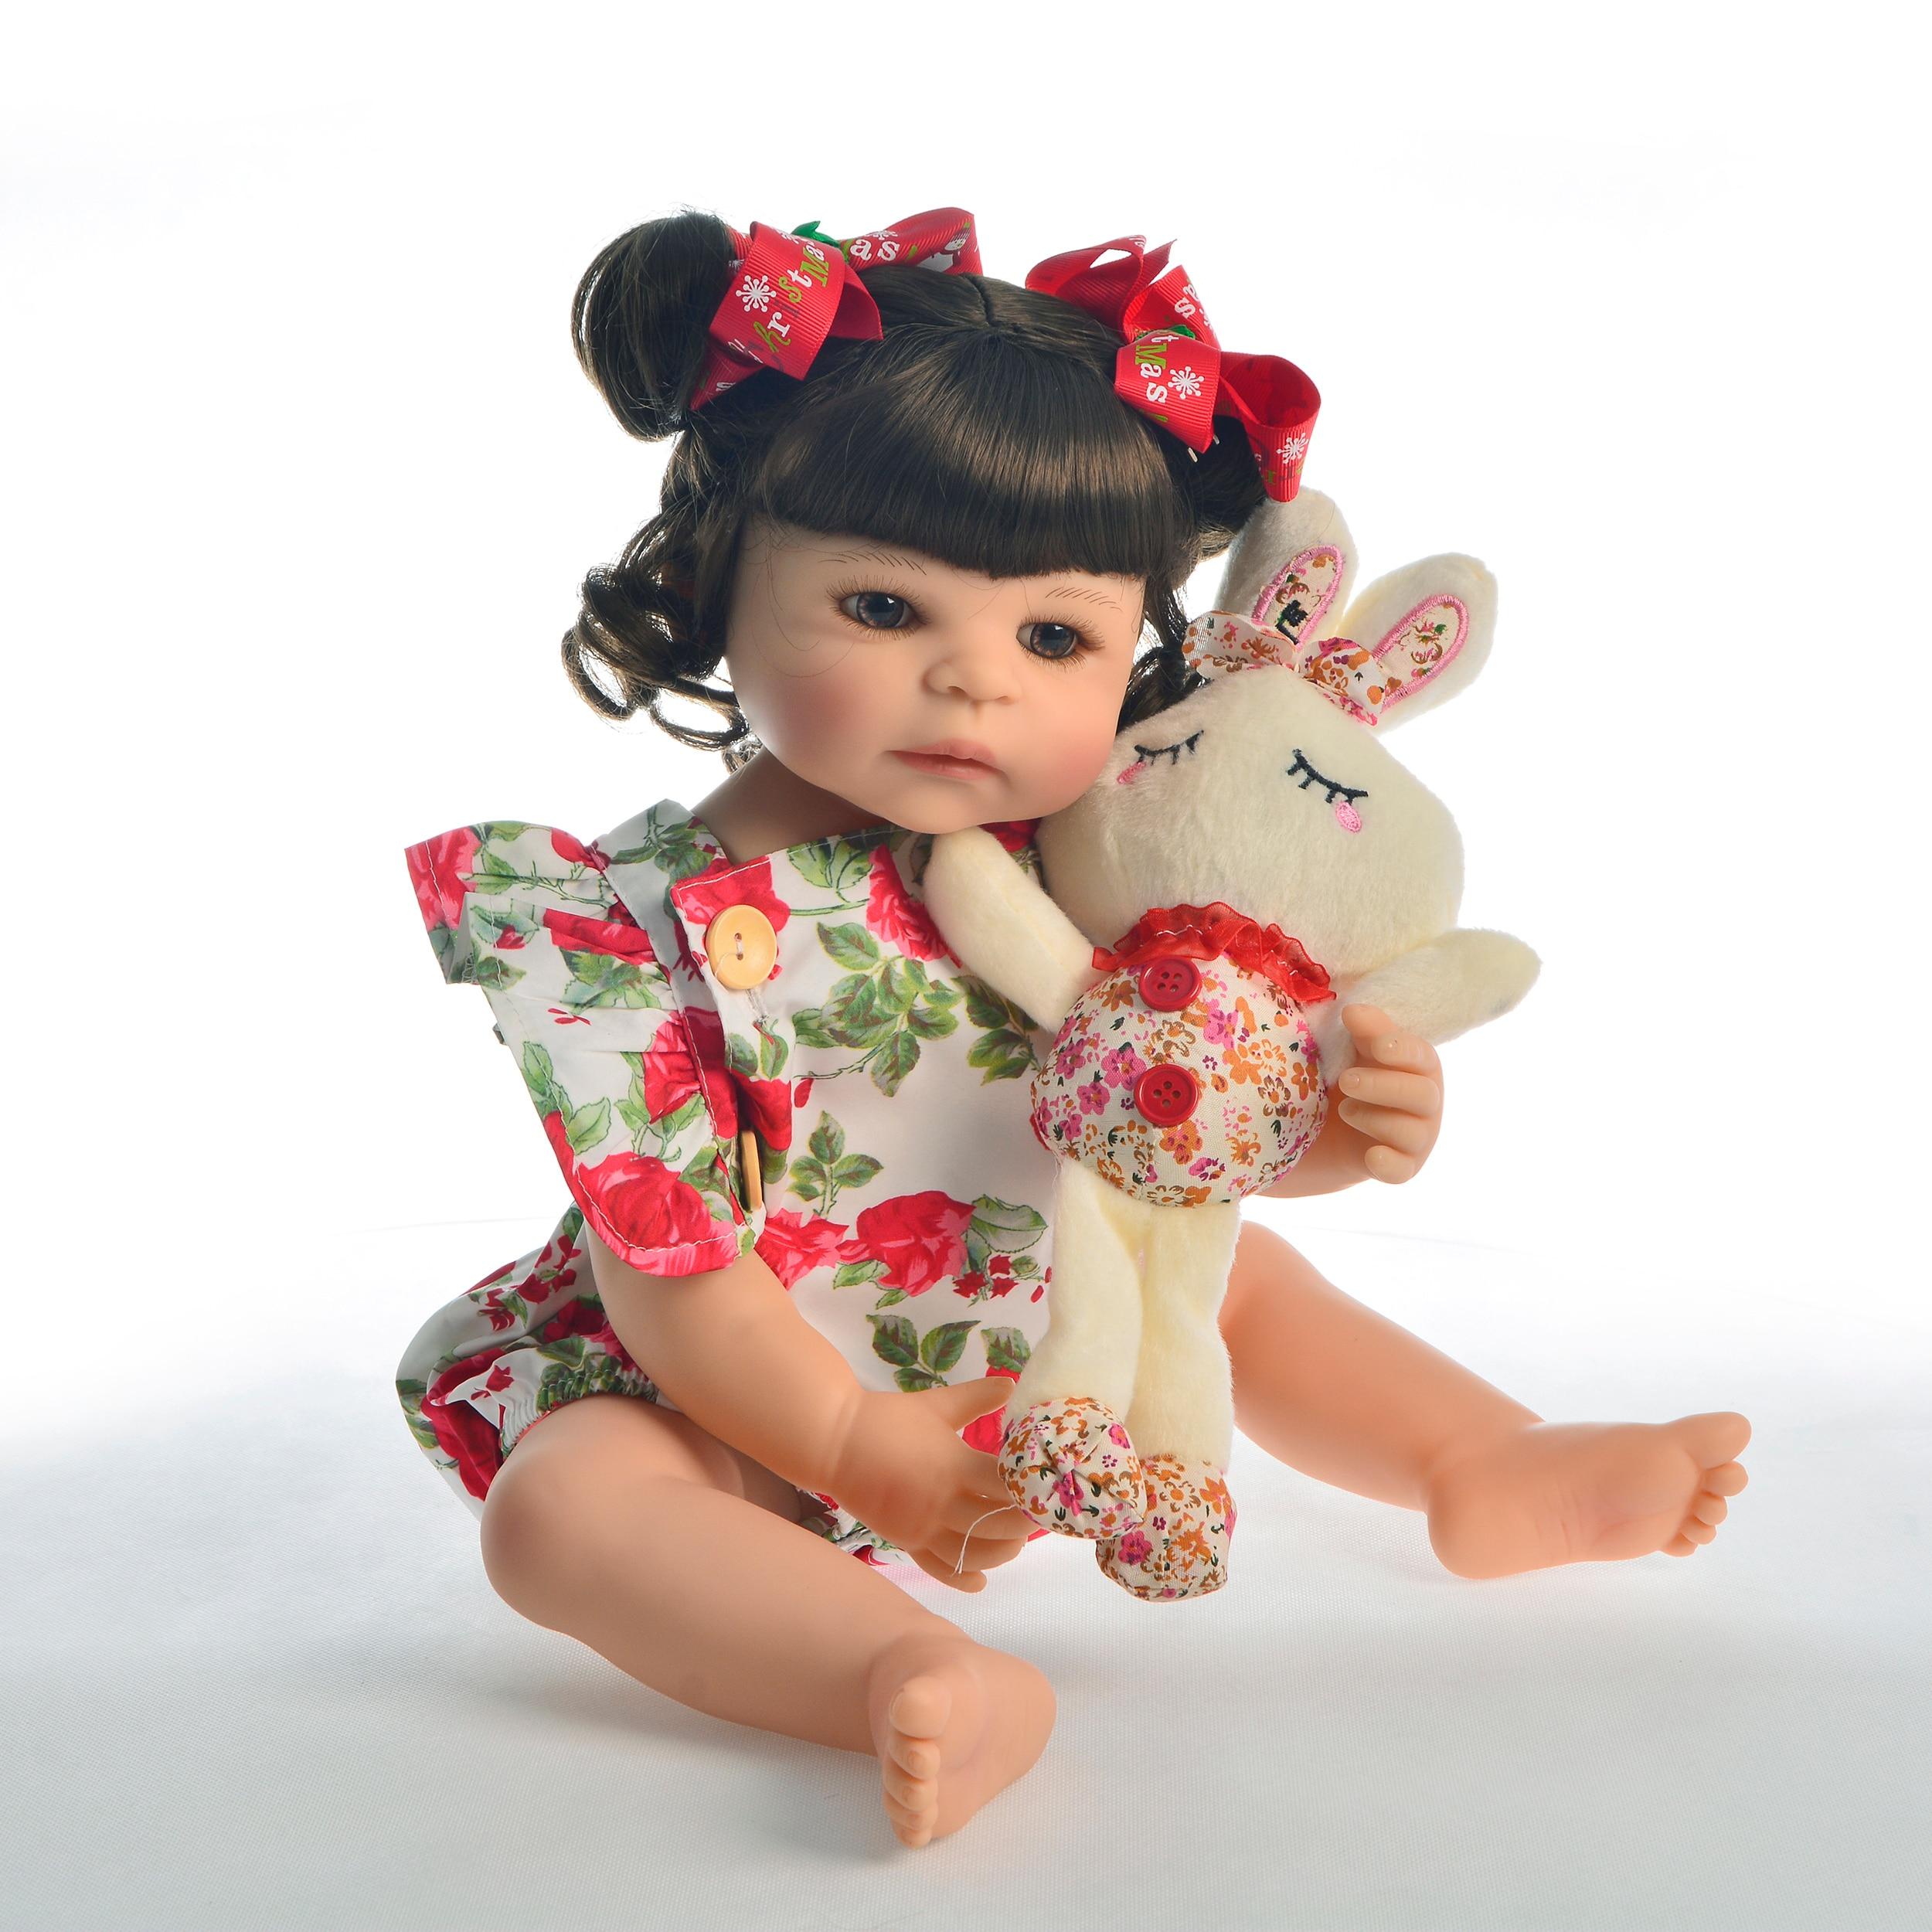 """Oyuncaklar ve Hobi Ürünleri'ten Bebekler'de Sıcak Satış 22 """"55 cm Silikon Tam Vücut Yeniden Doğmuş Bebek Bebek Oyuncak Kız Için Prenses Bebekler Oyuncak Giyim Gül romper Çocuk doğum günü hediyesi'da  Grup 2"""